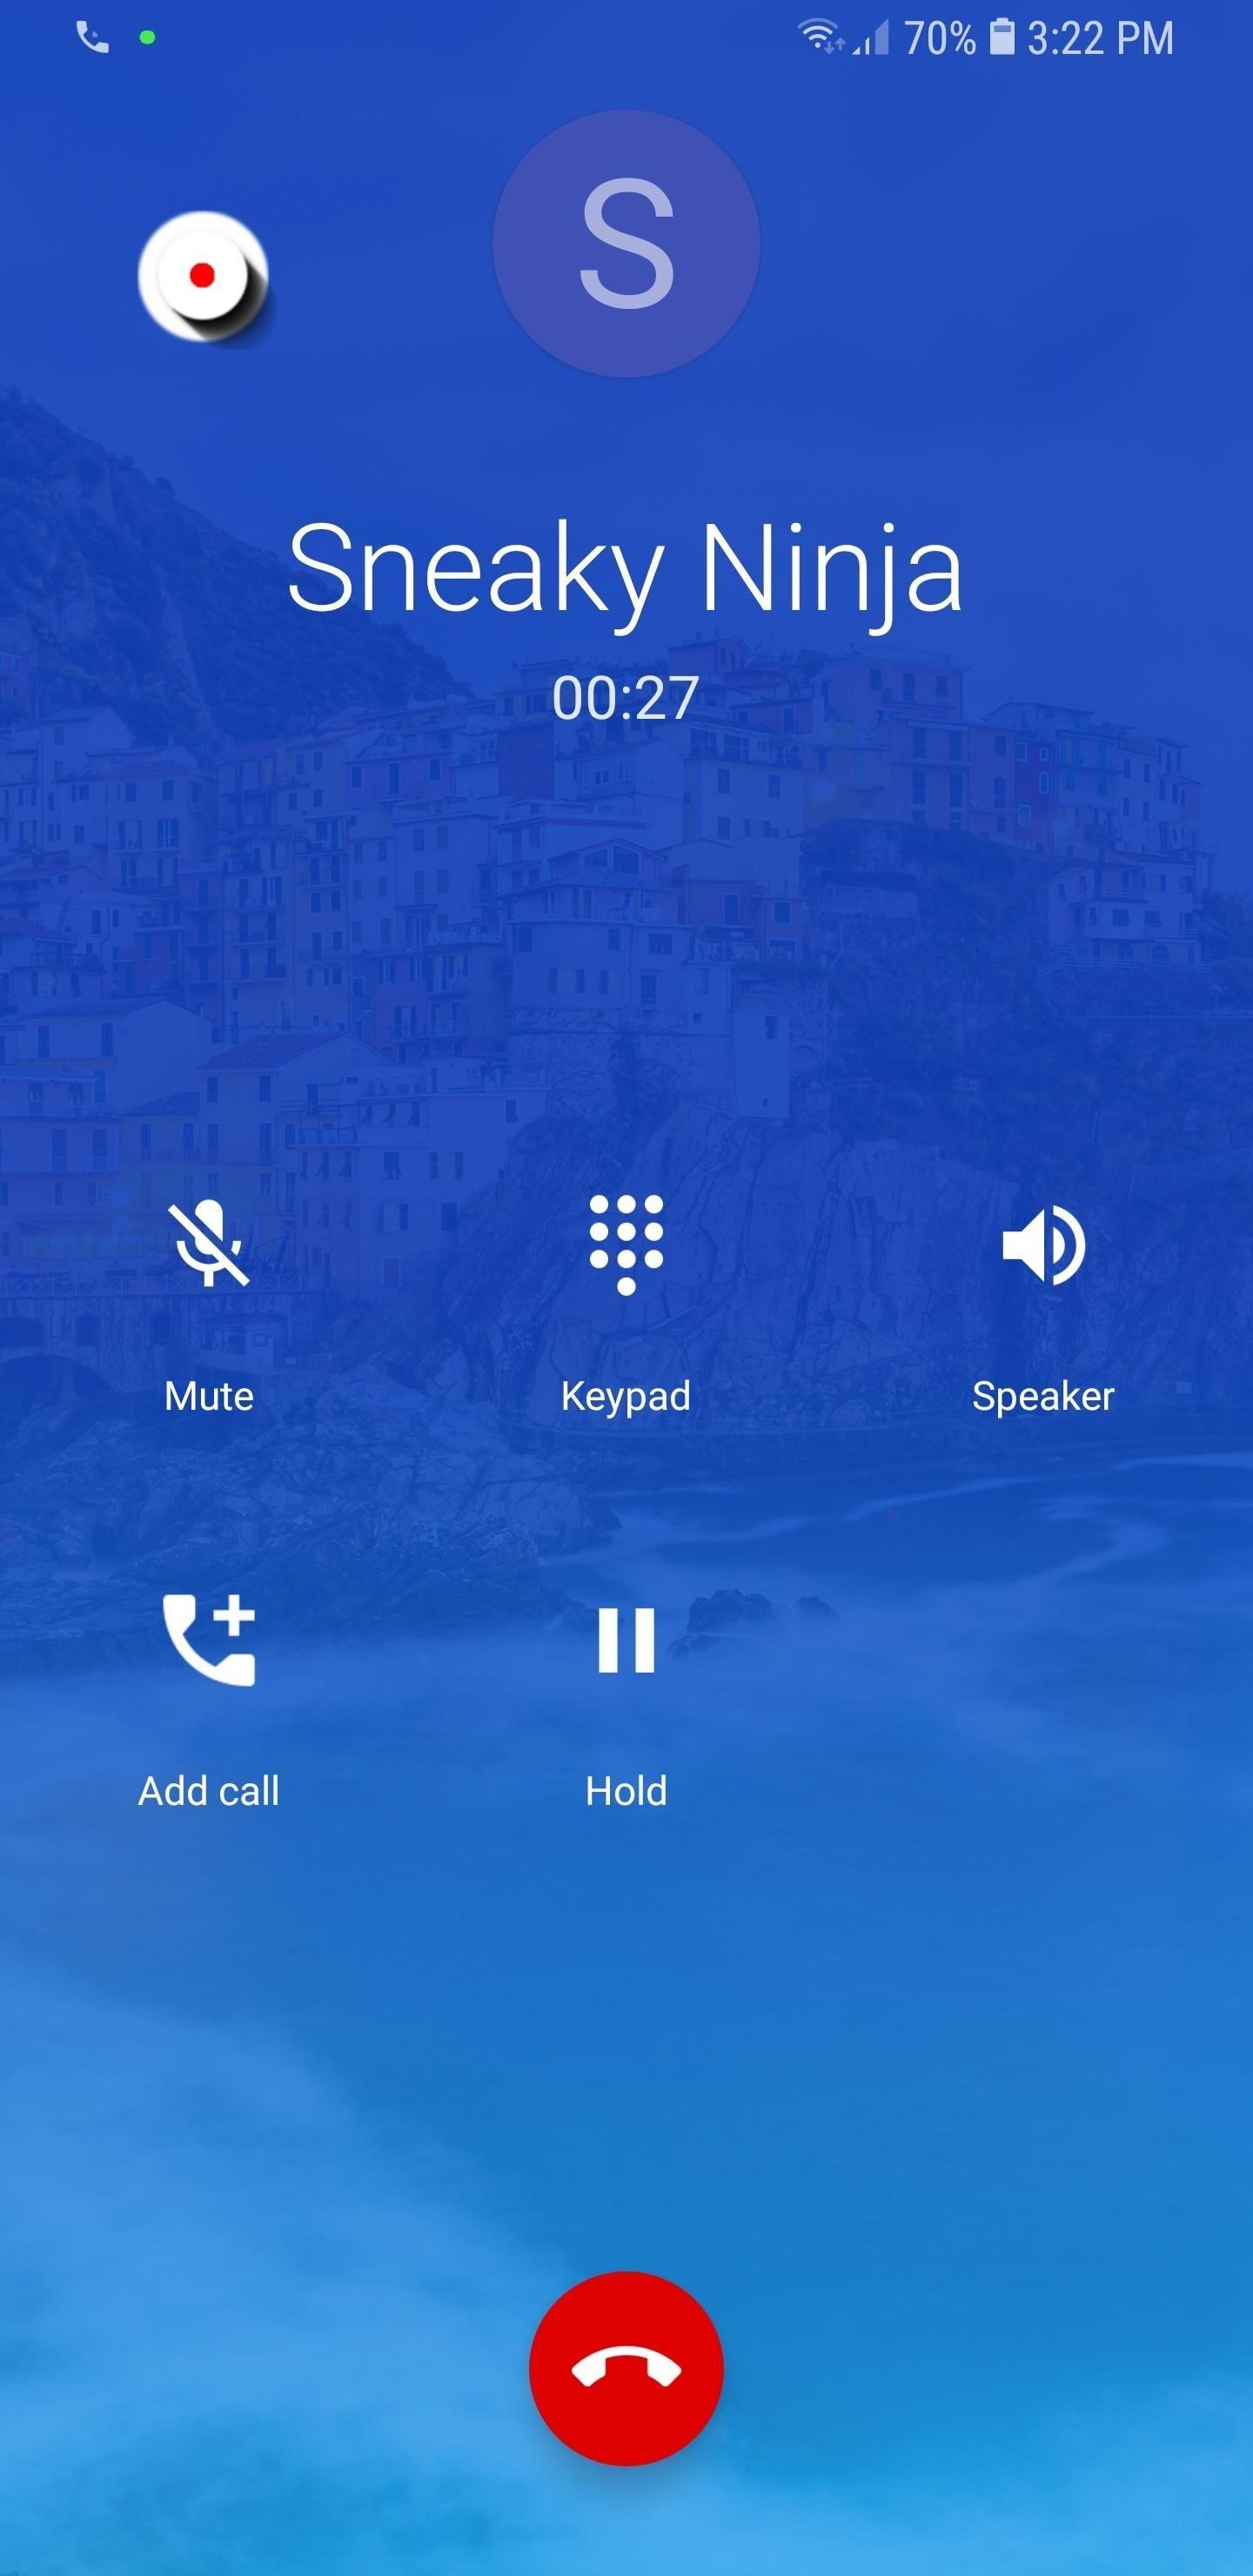 Boldbeast يتيح لك تسجيل المكالمات على أي هاتف يعمل بنظام Android - مع أو بدون الجذر